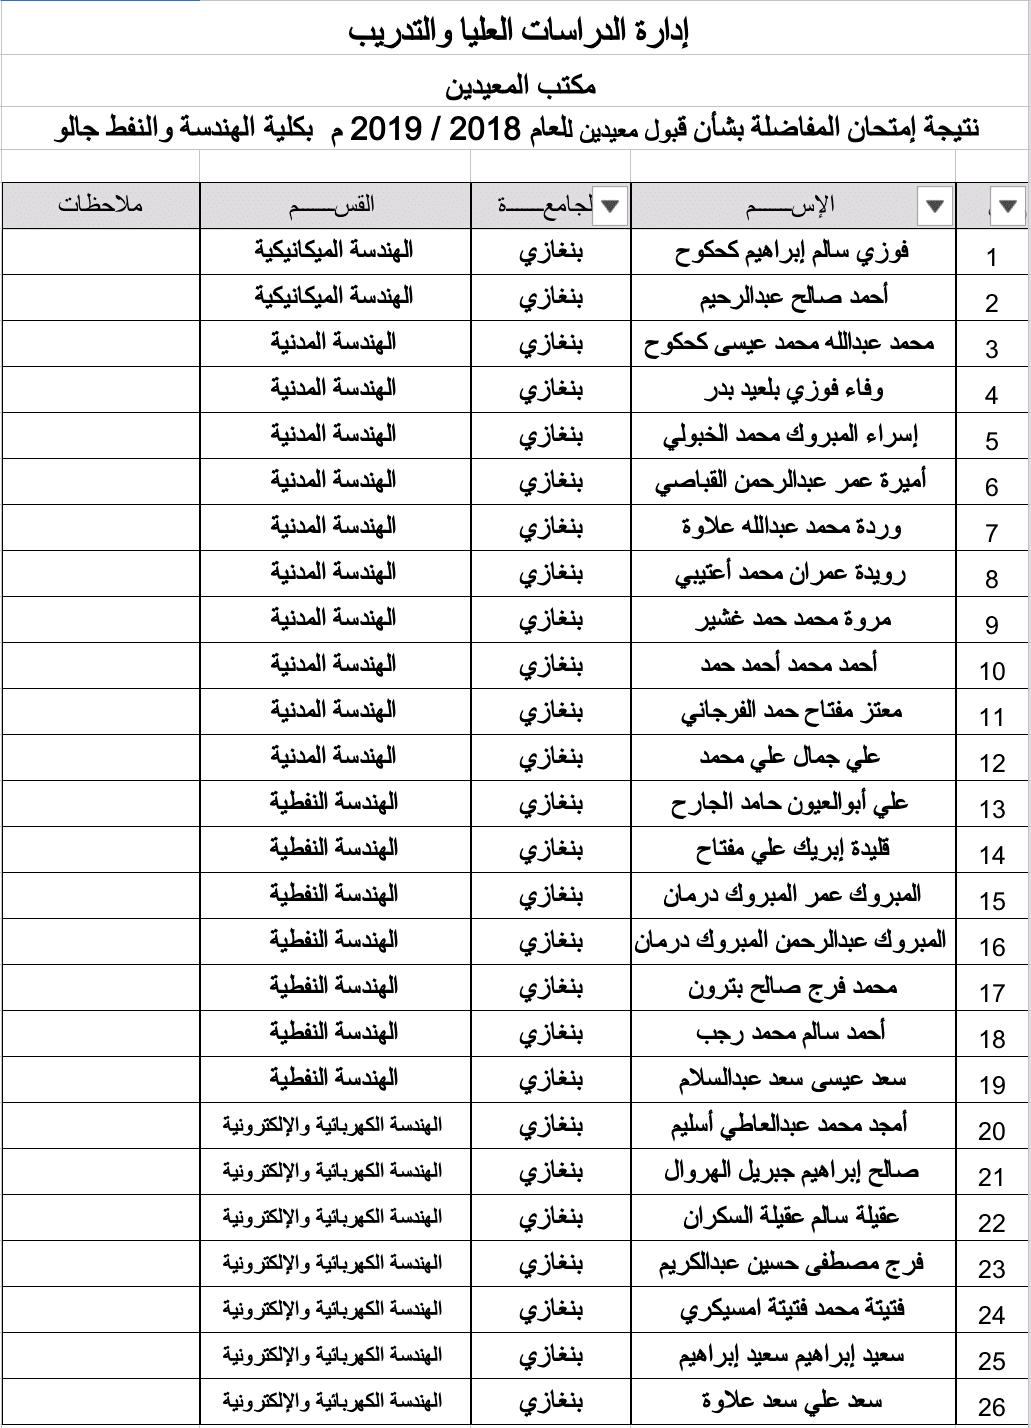 قائمة المعيدين